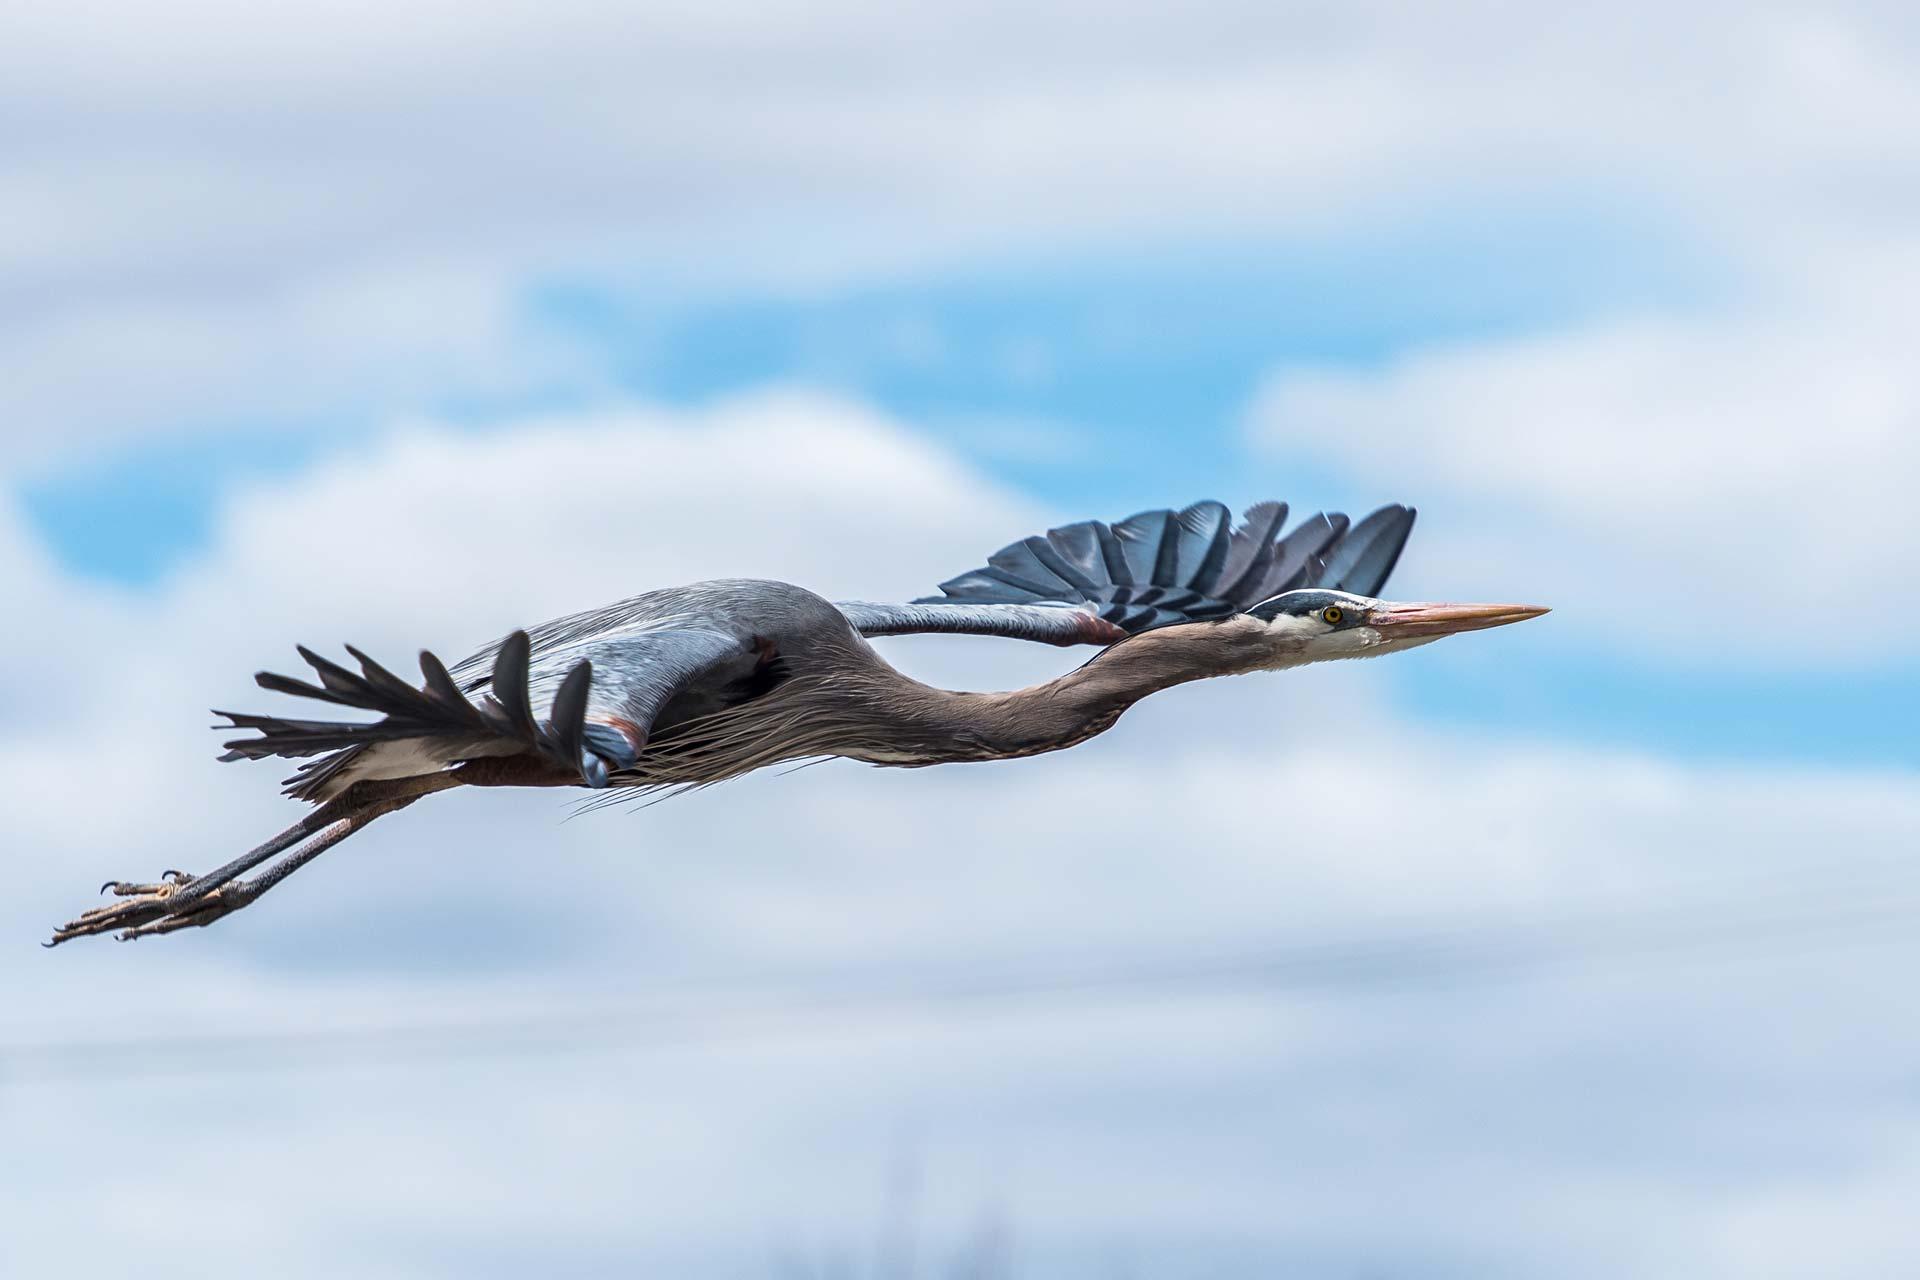 Grand héron en vol de profil, ciel partiellement nuageux en arrière-plan